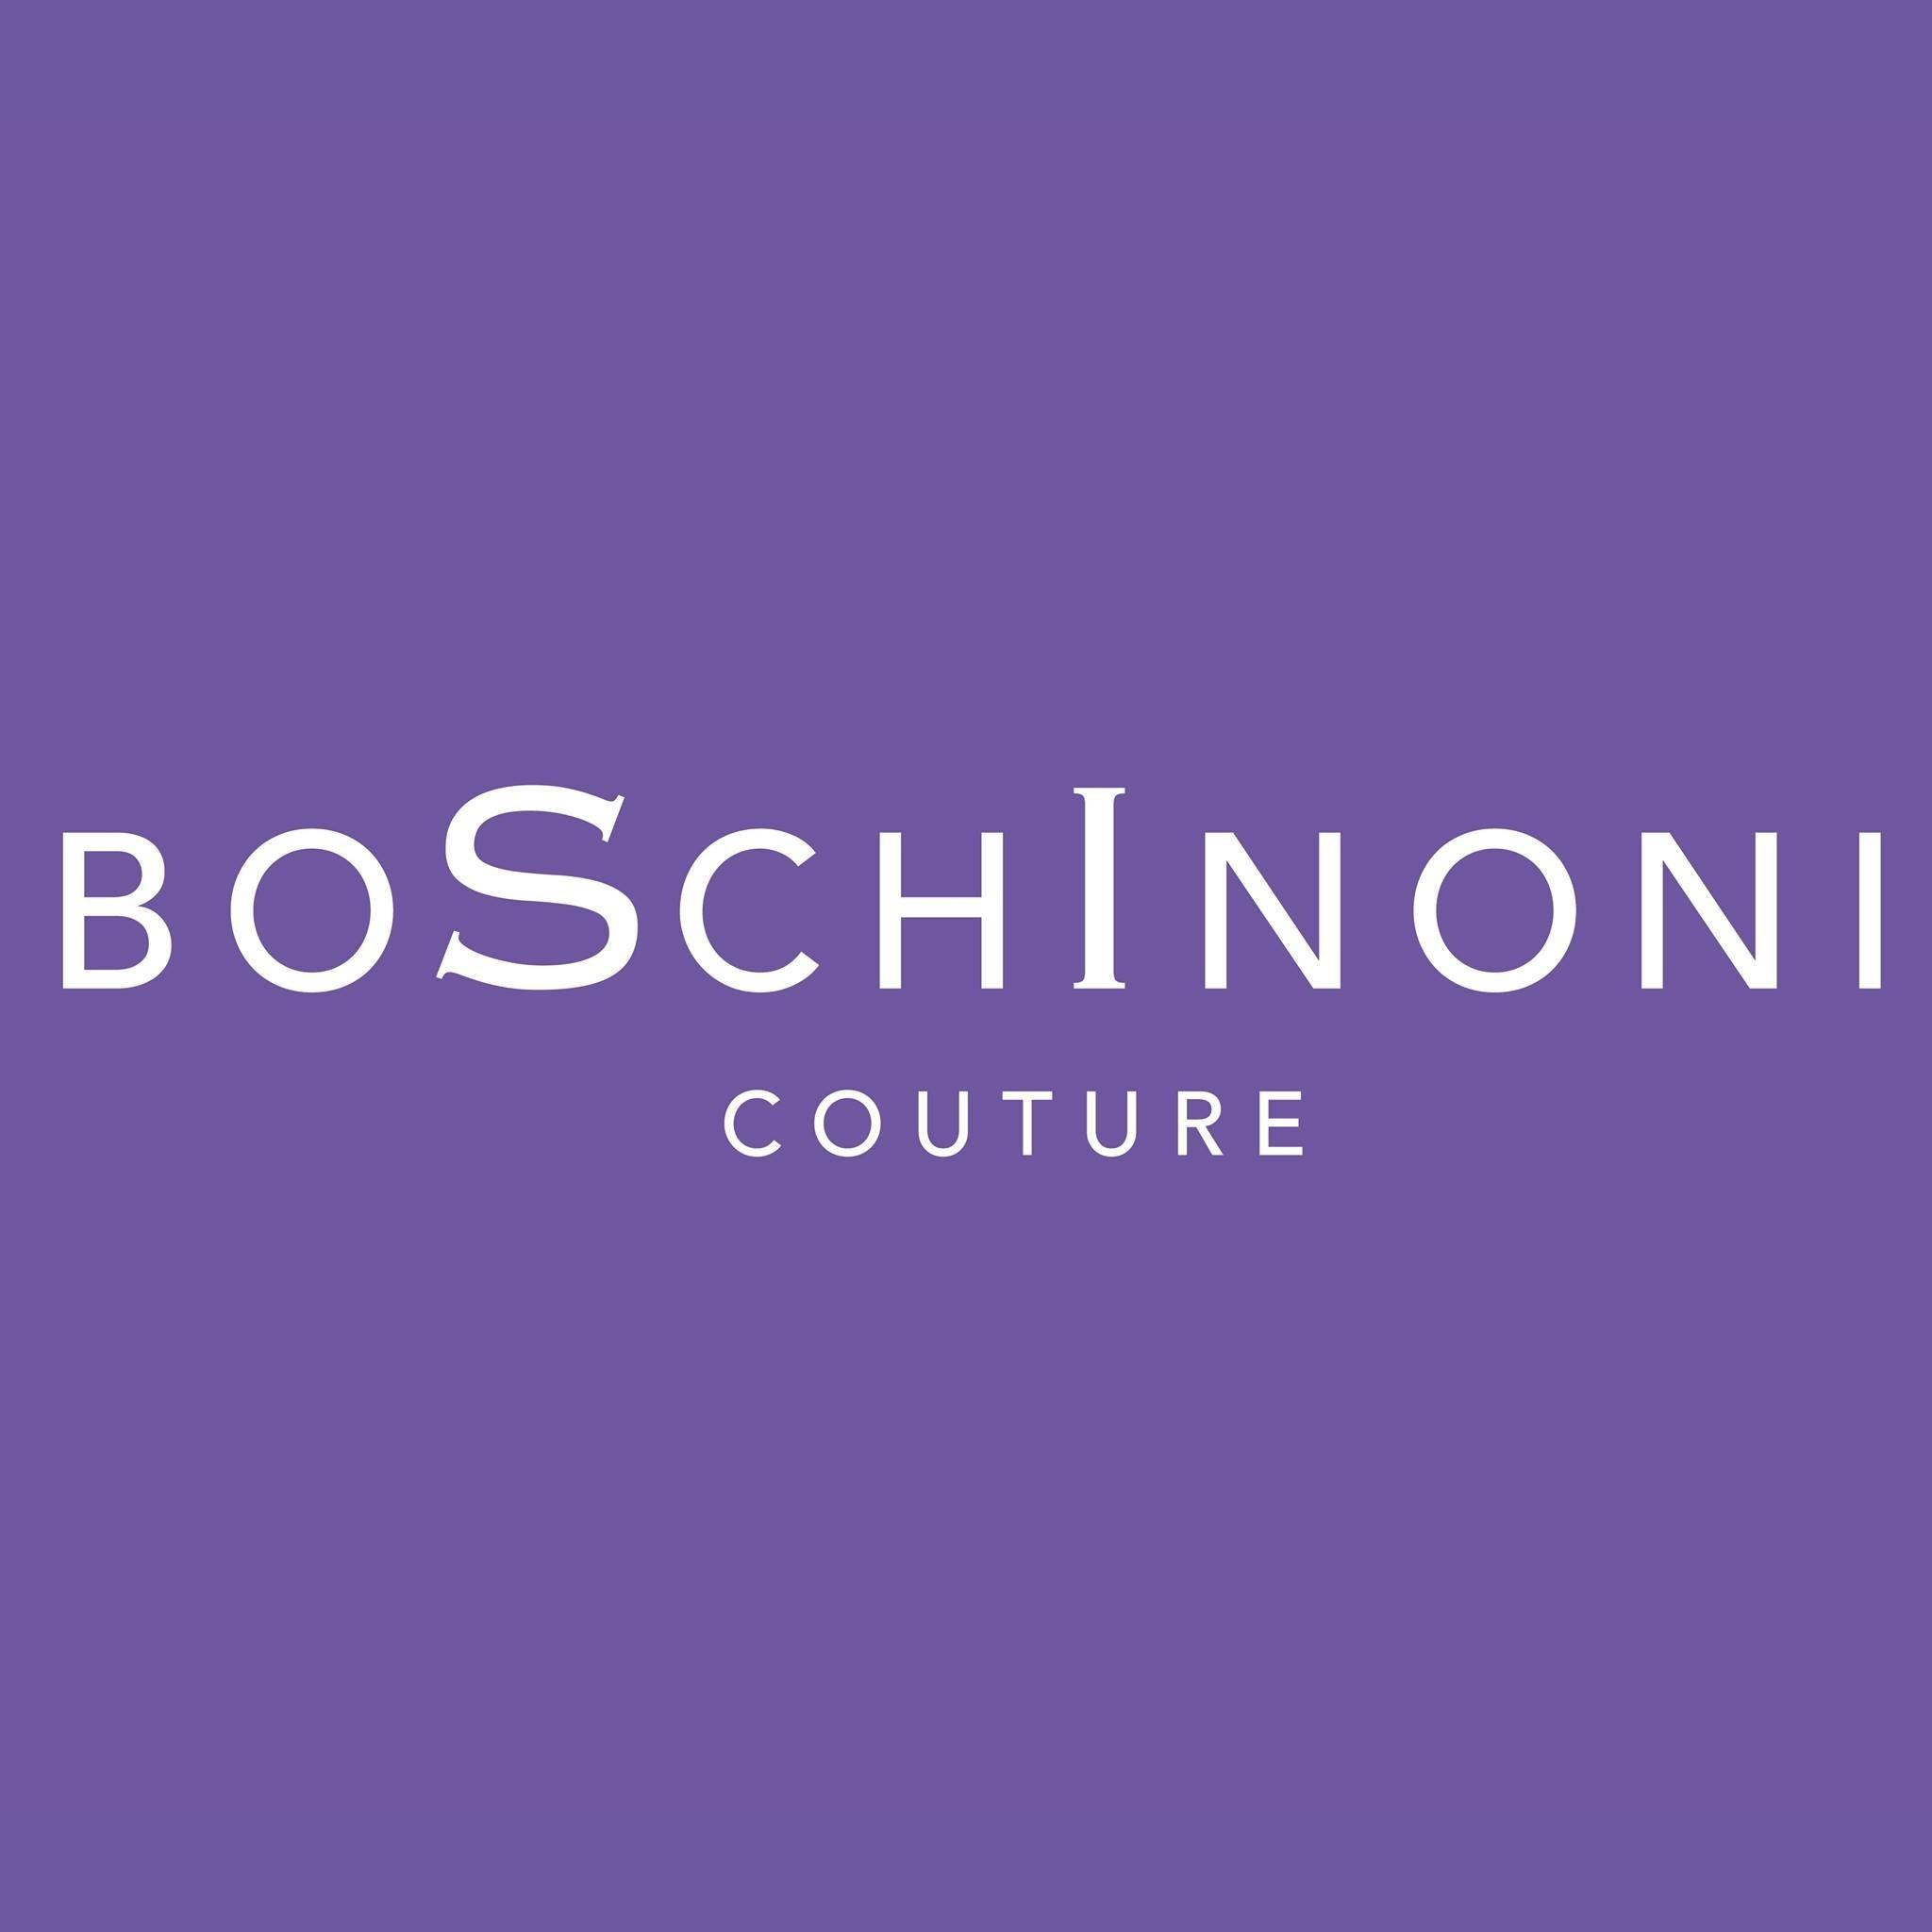 Boschinoni